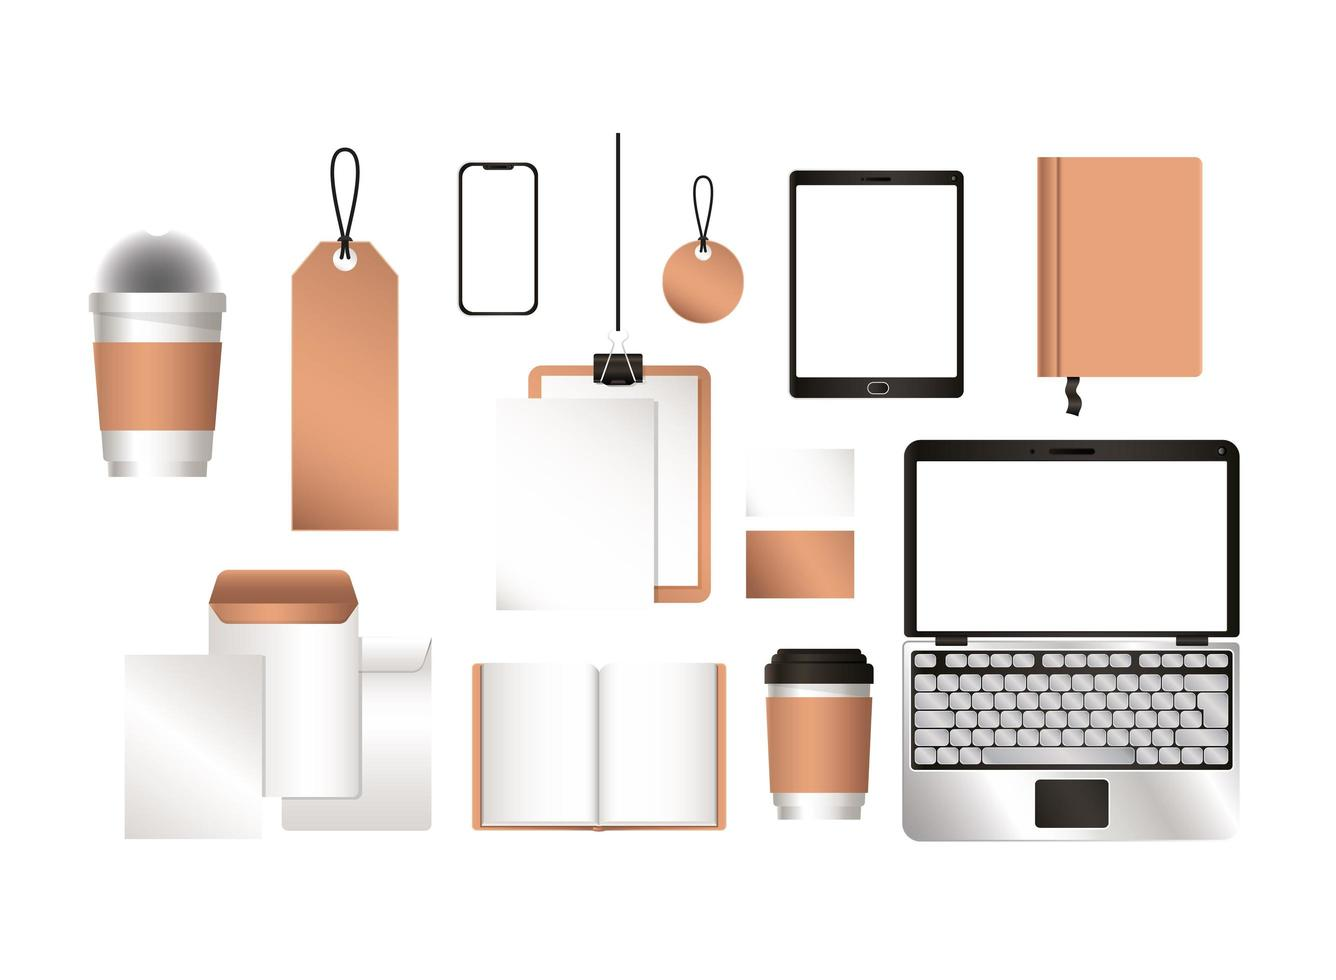 mockup laptop tablet smartphone och företagsidentitet vektor